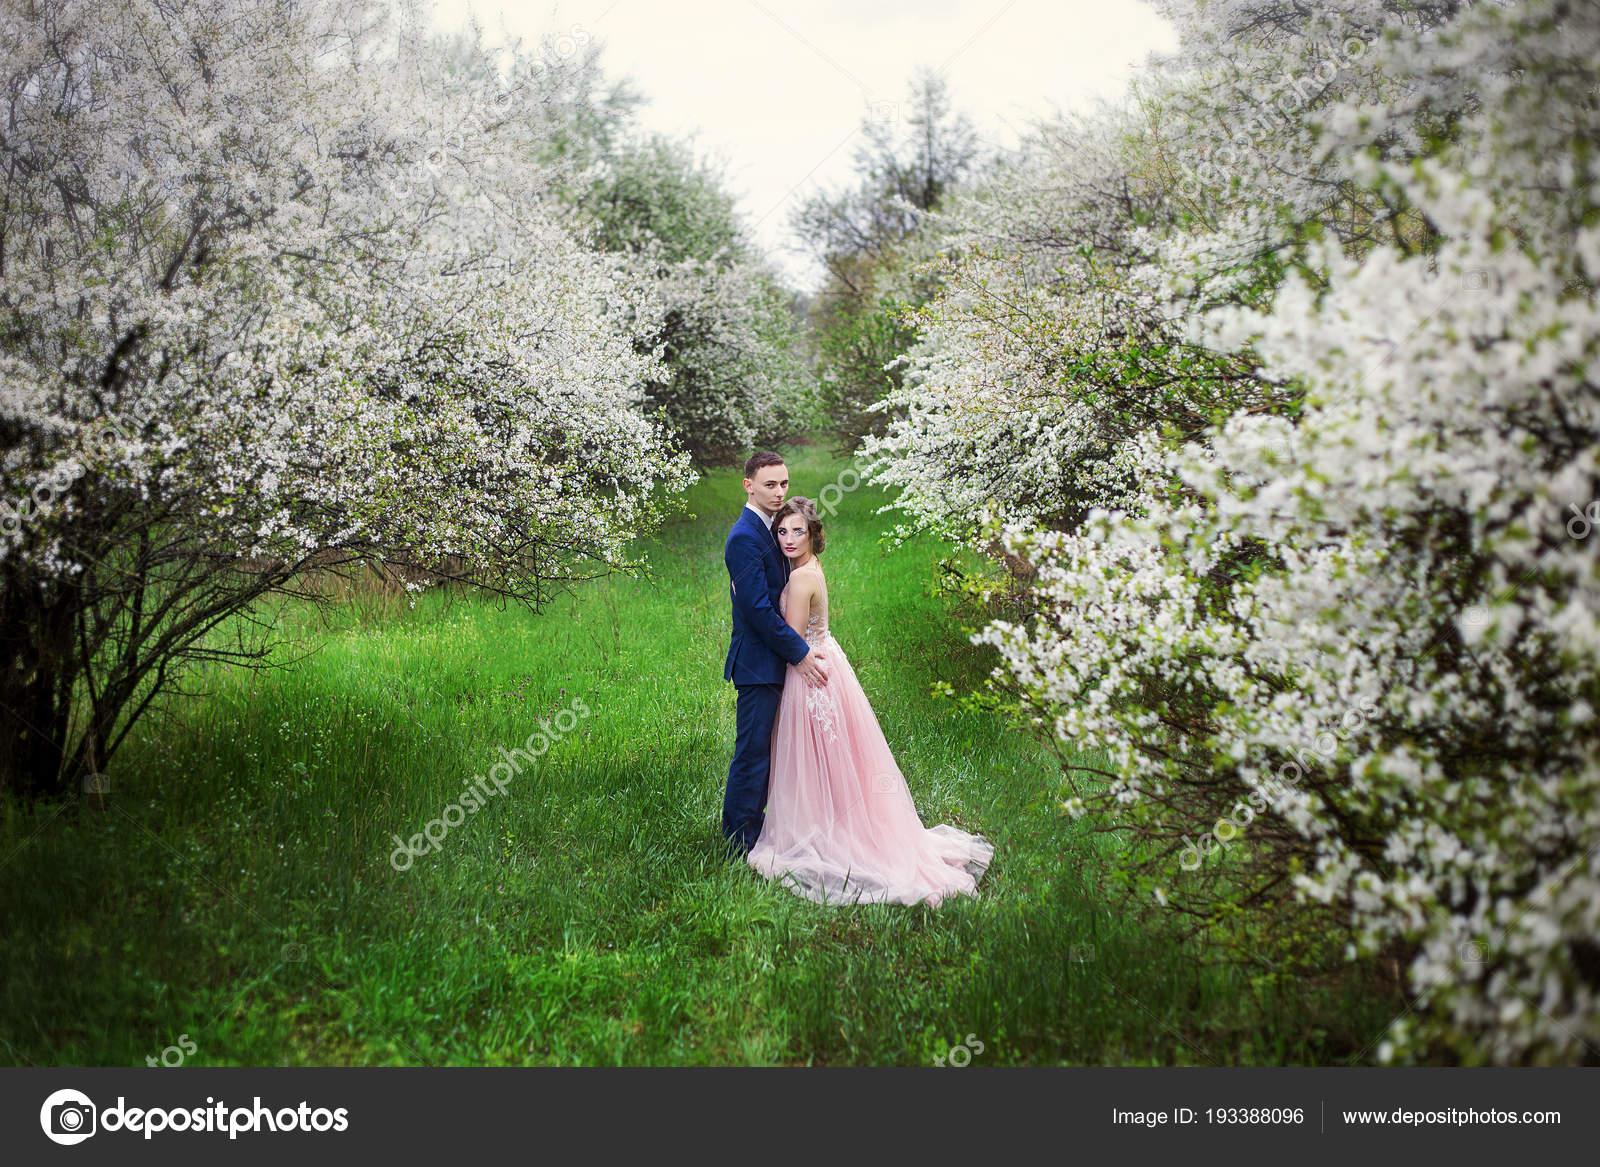 Bella coppia innamorati wedding dresses contro sfondo giardini fiore